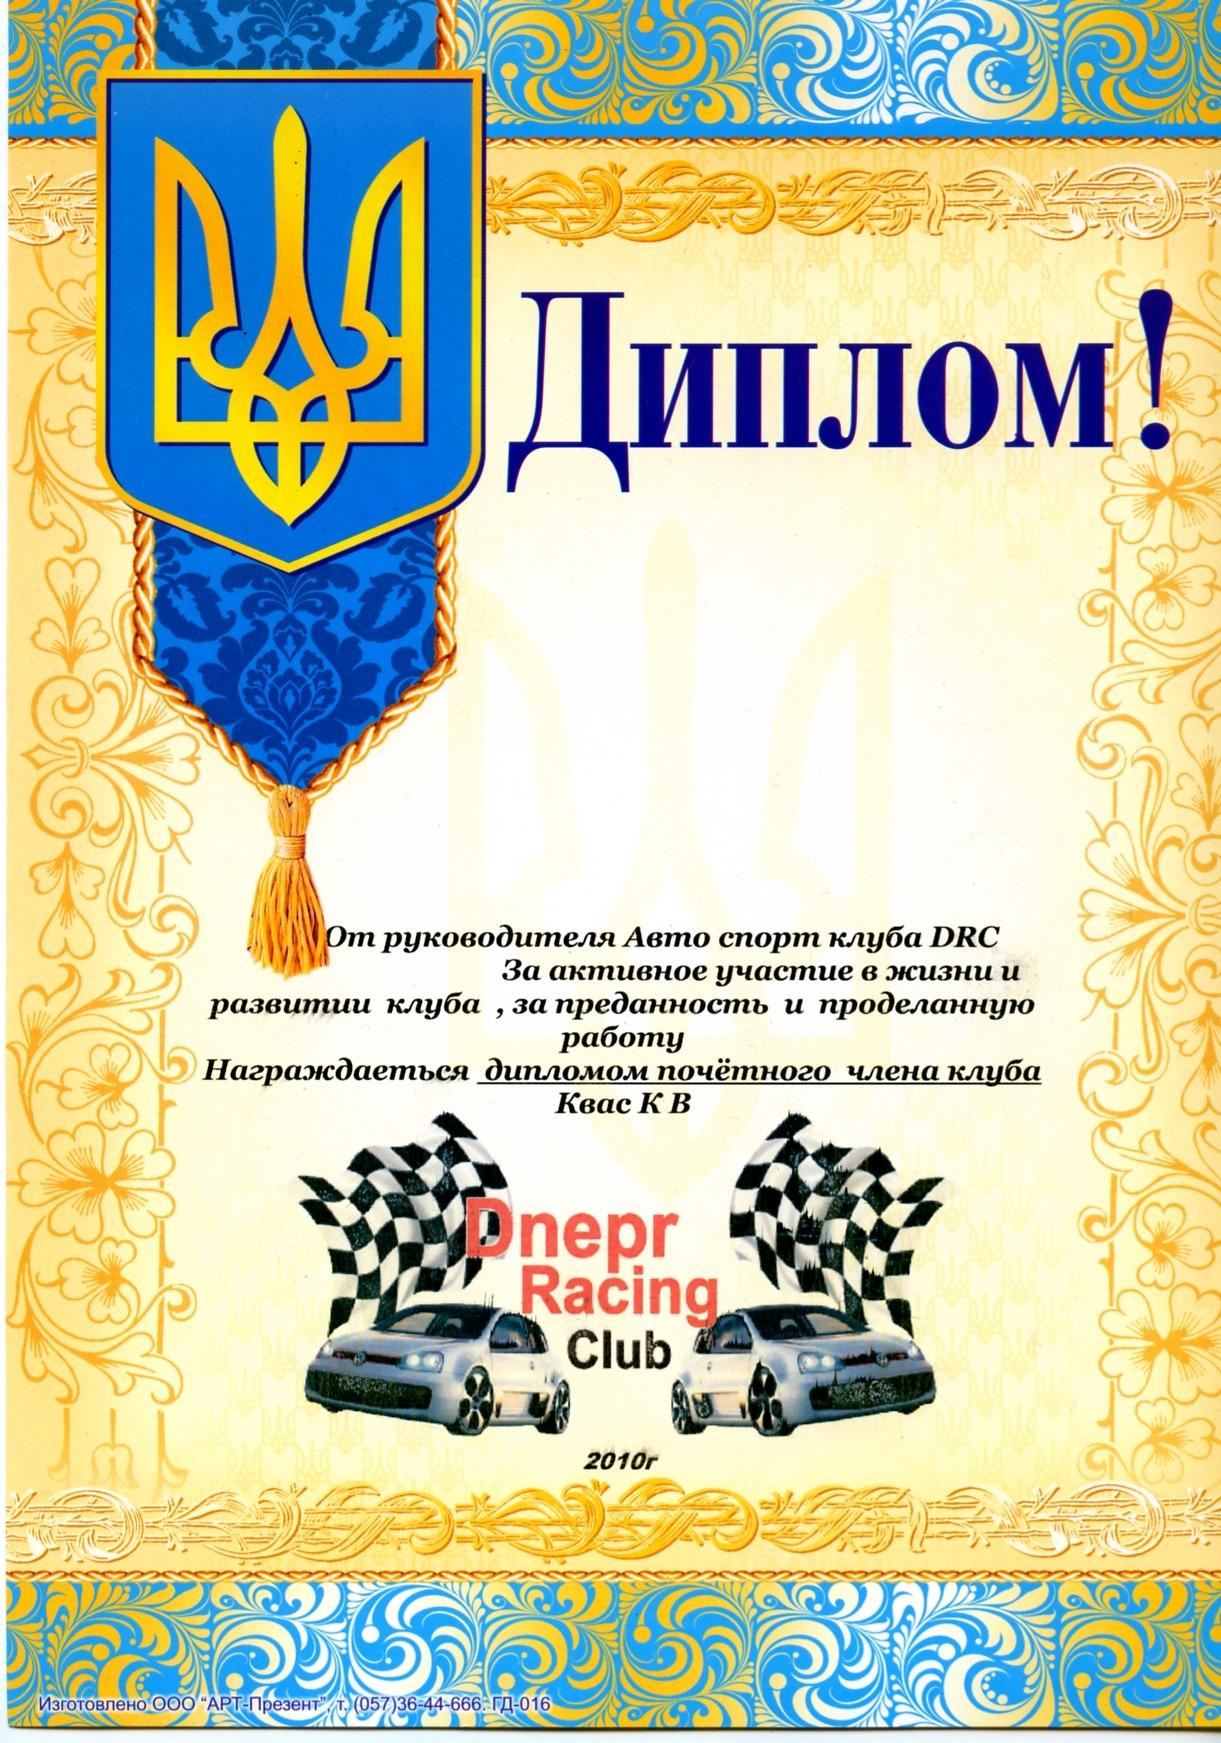 Диплом drive Есть у нас в городе свой автоклуб dnepr racing club в котором я еще только пол года но он для меня стал семьей Вот не знаю правда за что но на днях